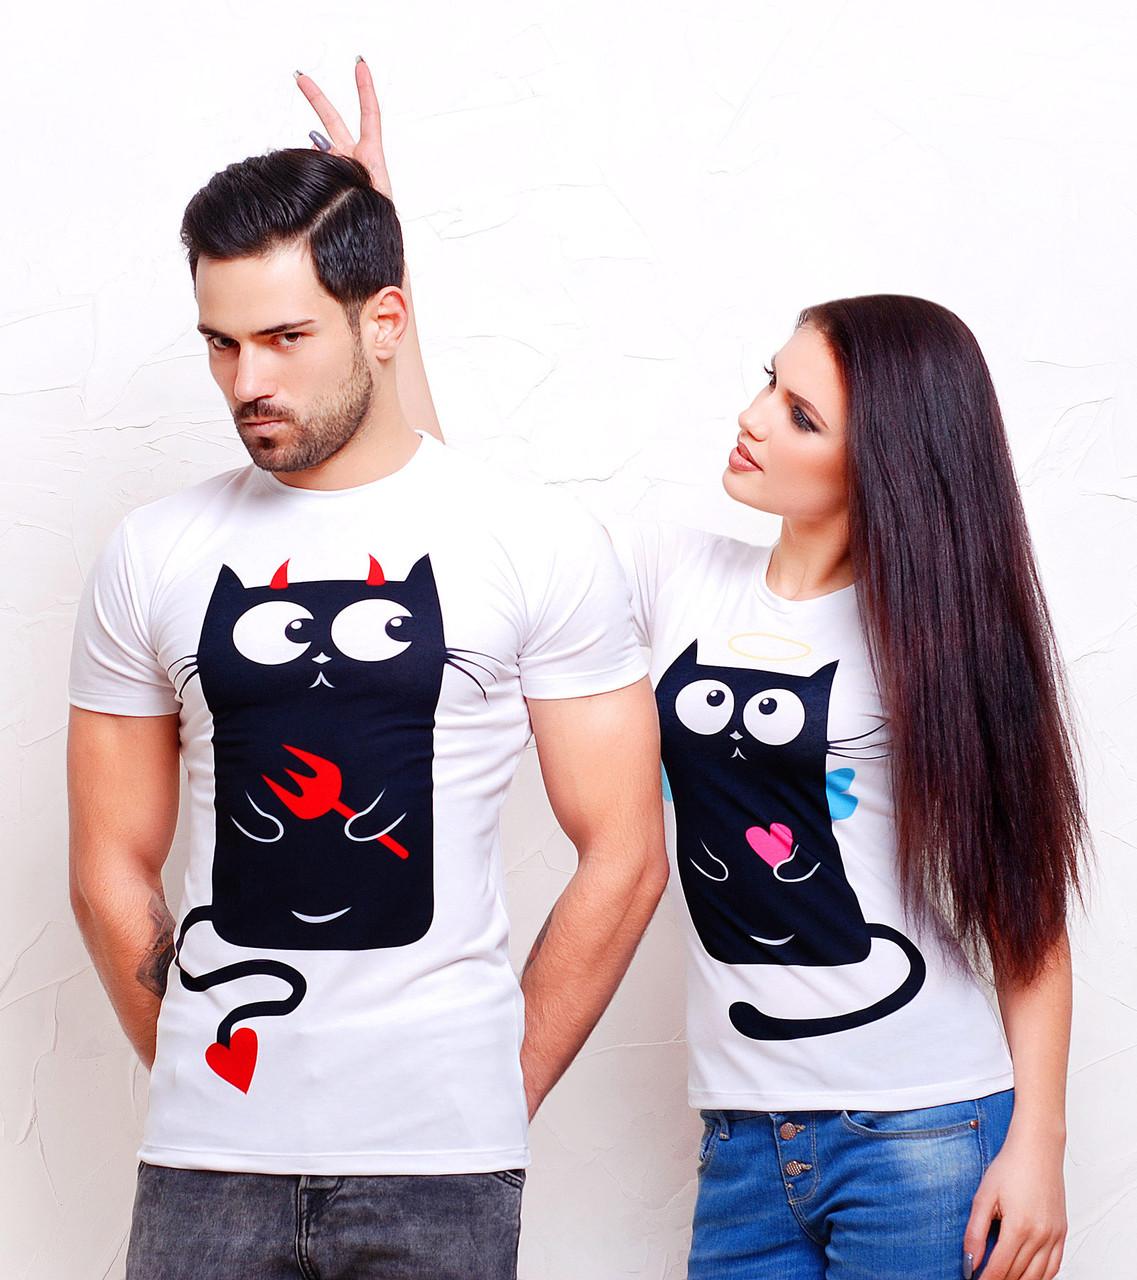 Оригинальные парные футболки: продажа, цена в Николаеве ... - photo#20